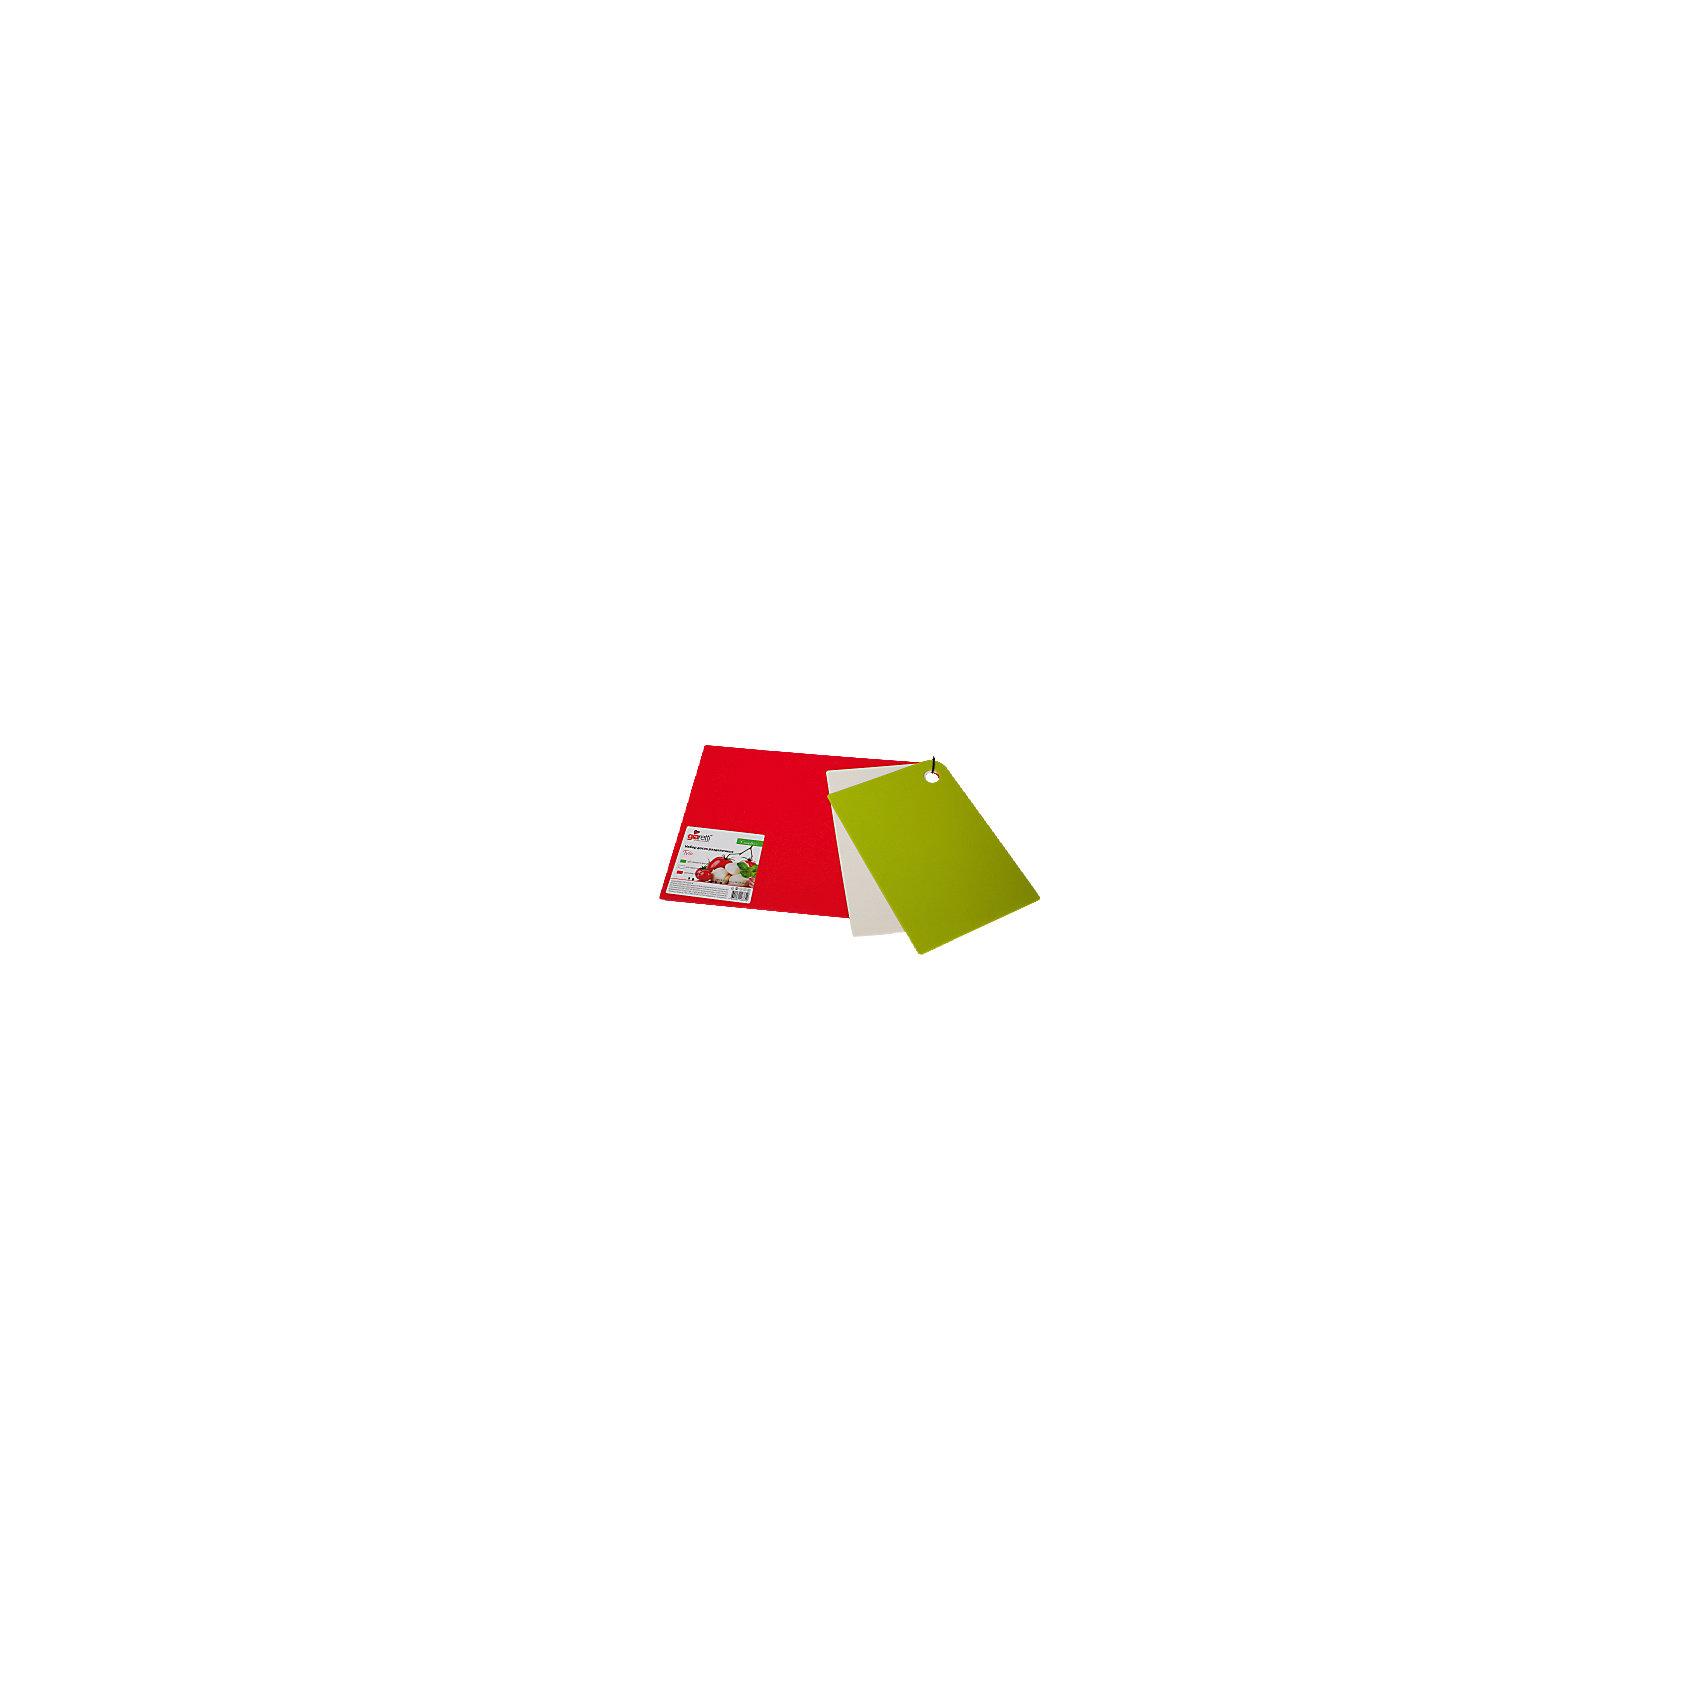 Набор досок разделочных Trio 25*17см (2 шт.) + 35*25 см (1 шт.), GiarettiПосуда<br>Маленькие и большие, под хлеб или сыр, овощи или мясо. Разделочных досок много не бывает. Giaretti предлагает новинку – гибкие доски. Преимущества: не скользит по поверхности стола - Вы можете резать продукты и не отвлекаться на мелочи; удобно использовать - на гибкой доске Вы сможете порезать продукты, согнув доску переложить их в блюдо и не рассыпать содержимое; легкие доски займут мало места на Вашей кухне; легко моются в посудомоечной машине; 2 оптимальных размера досок позволят Вам порезать небольшой кусок сыра или нашинковать много овощей. Вы можете купить доску как штучно, так и в наборе, и максимально эффективно организовать пространство на кухне. Набор Trio мы специально создали для разных типов продуктов, которые обозначены цветом. Очень удобно: мясо и свежую рыбу Вы режете на большой красной доске, овощи на зеленой, сыр/хлеб на доске цвета слоновая кость.<br><br>Ширина мм: 350<br>Глубина мм: 250<br>Высота мм: 6<br>Вес г: 358<br>Возраст от месяцев: 216<br>Возраст до месяцев: 1188<br>Пол: Унисекс<br>Возраст: Детский<br>SKU: 5545627